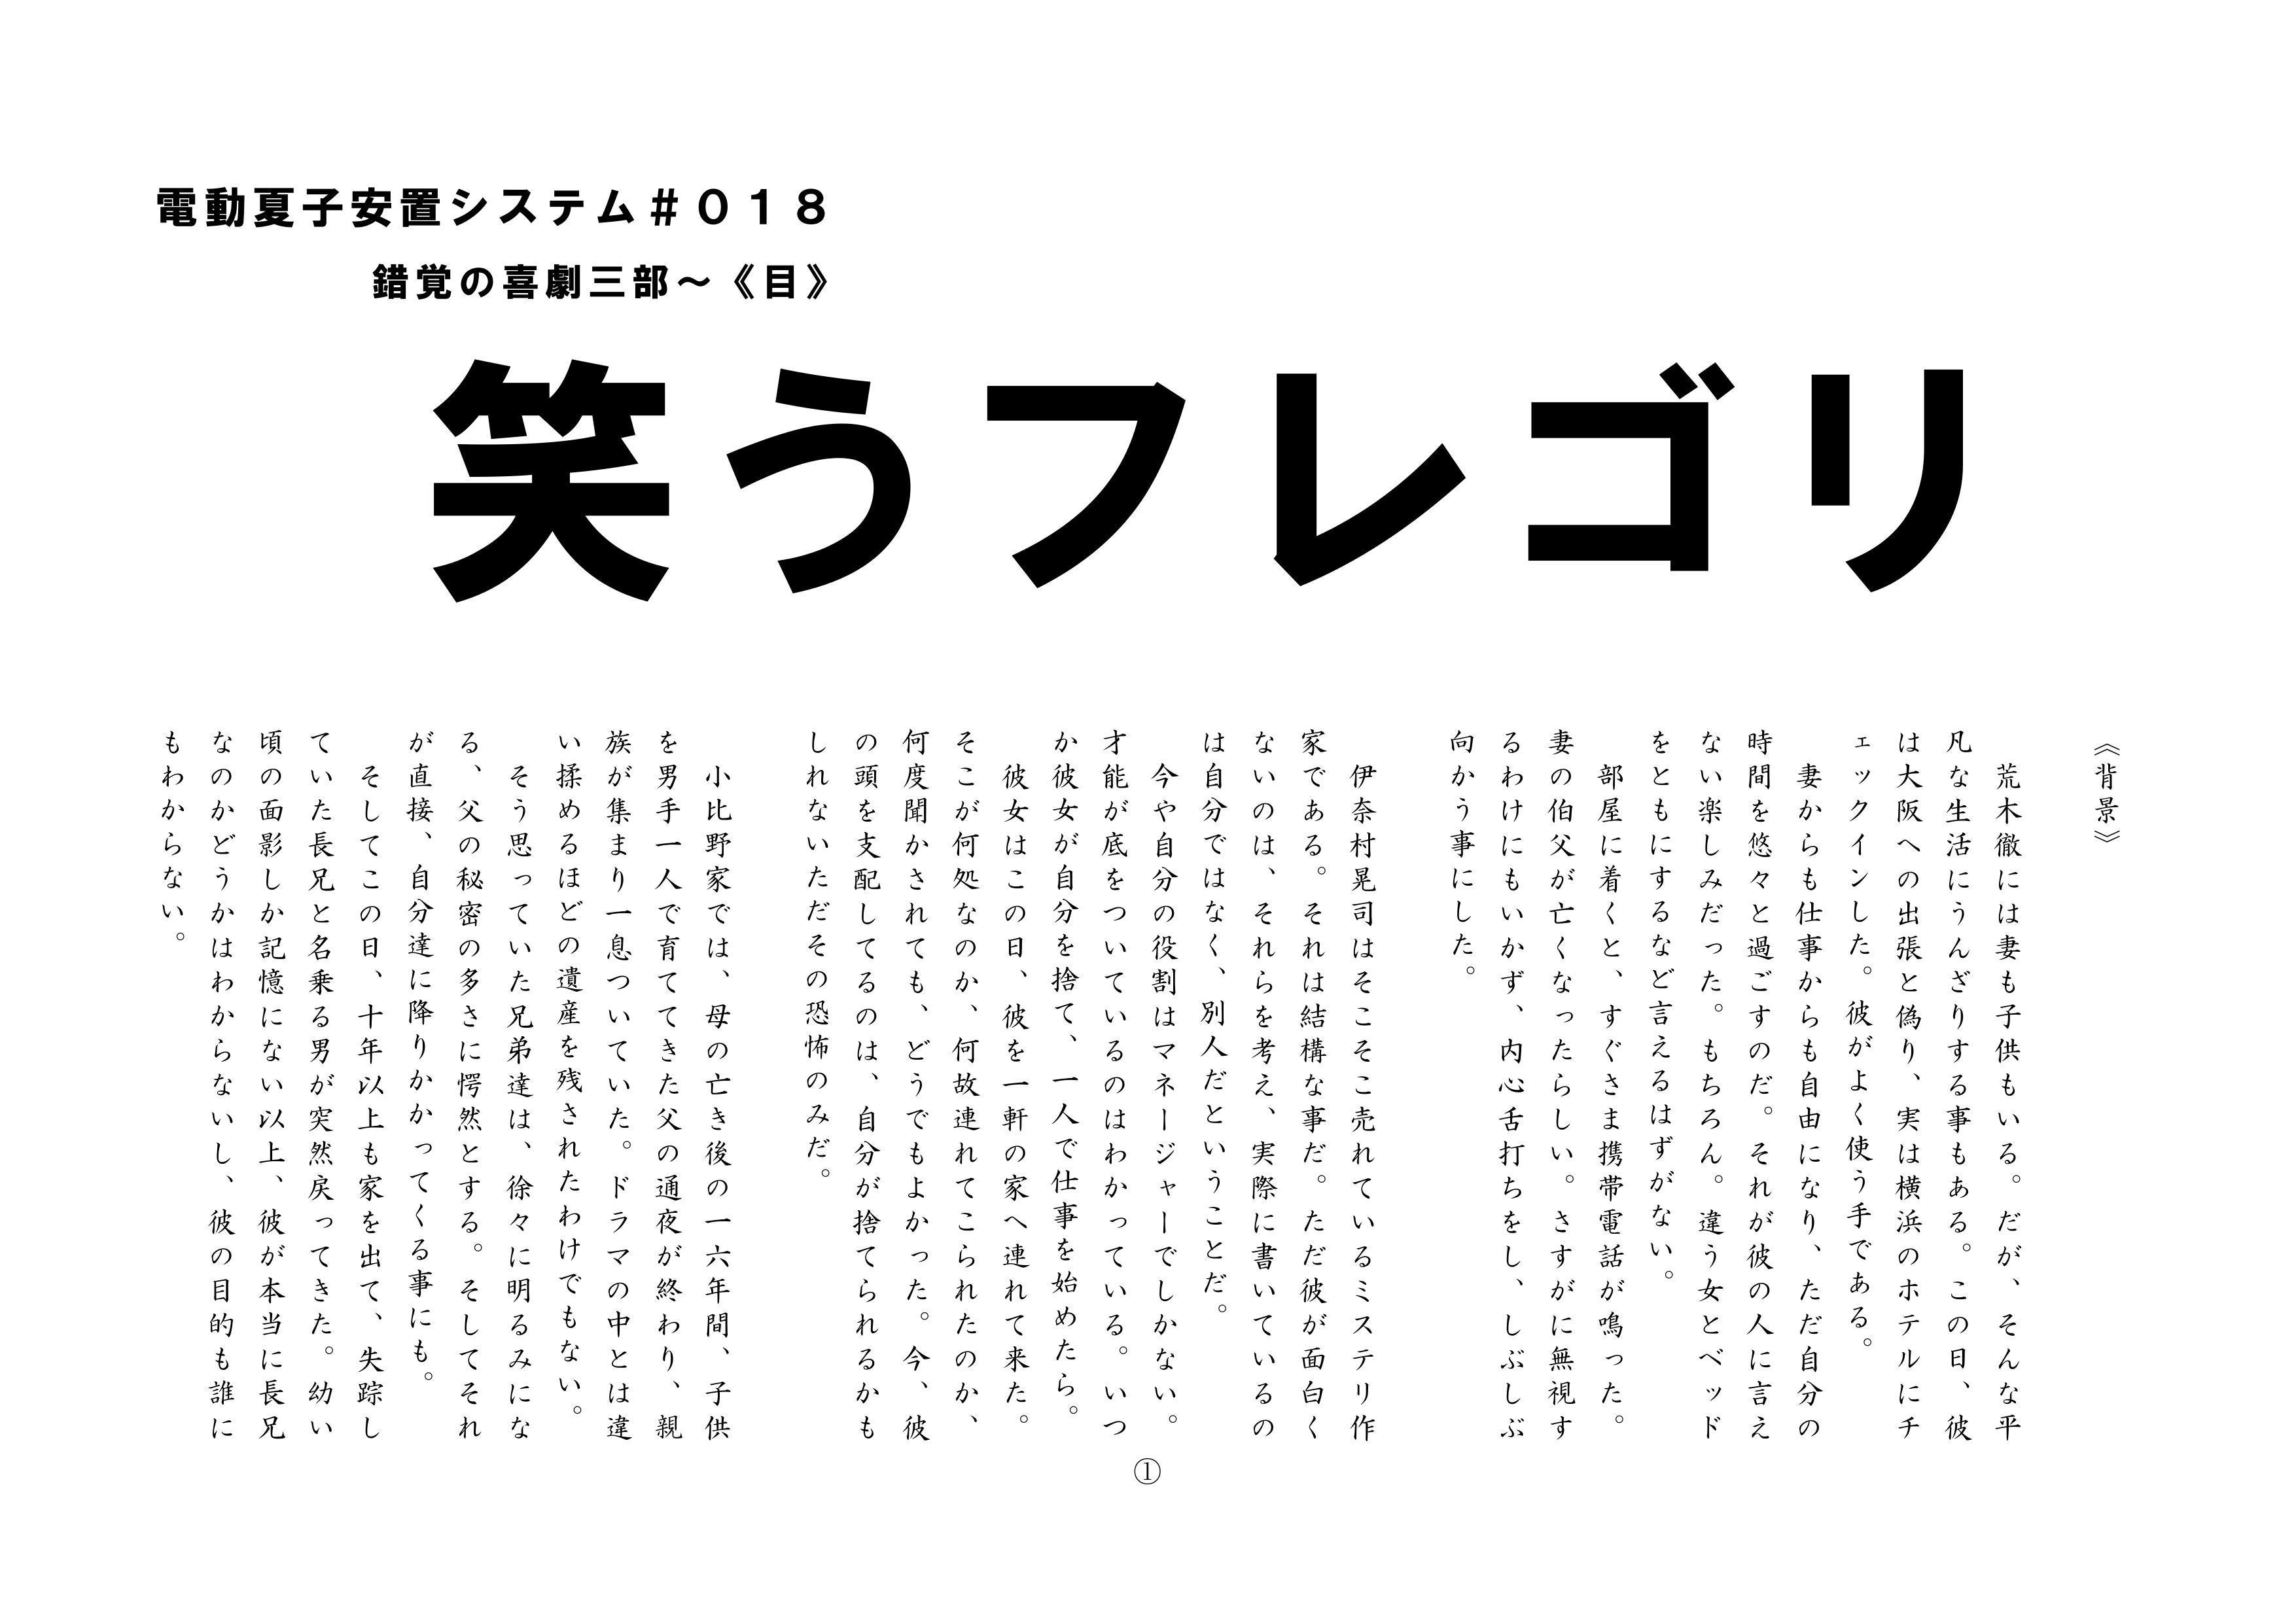 台本 第18回公演『笑うフレゴリ』